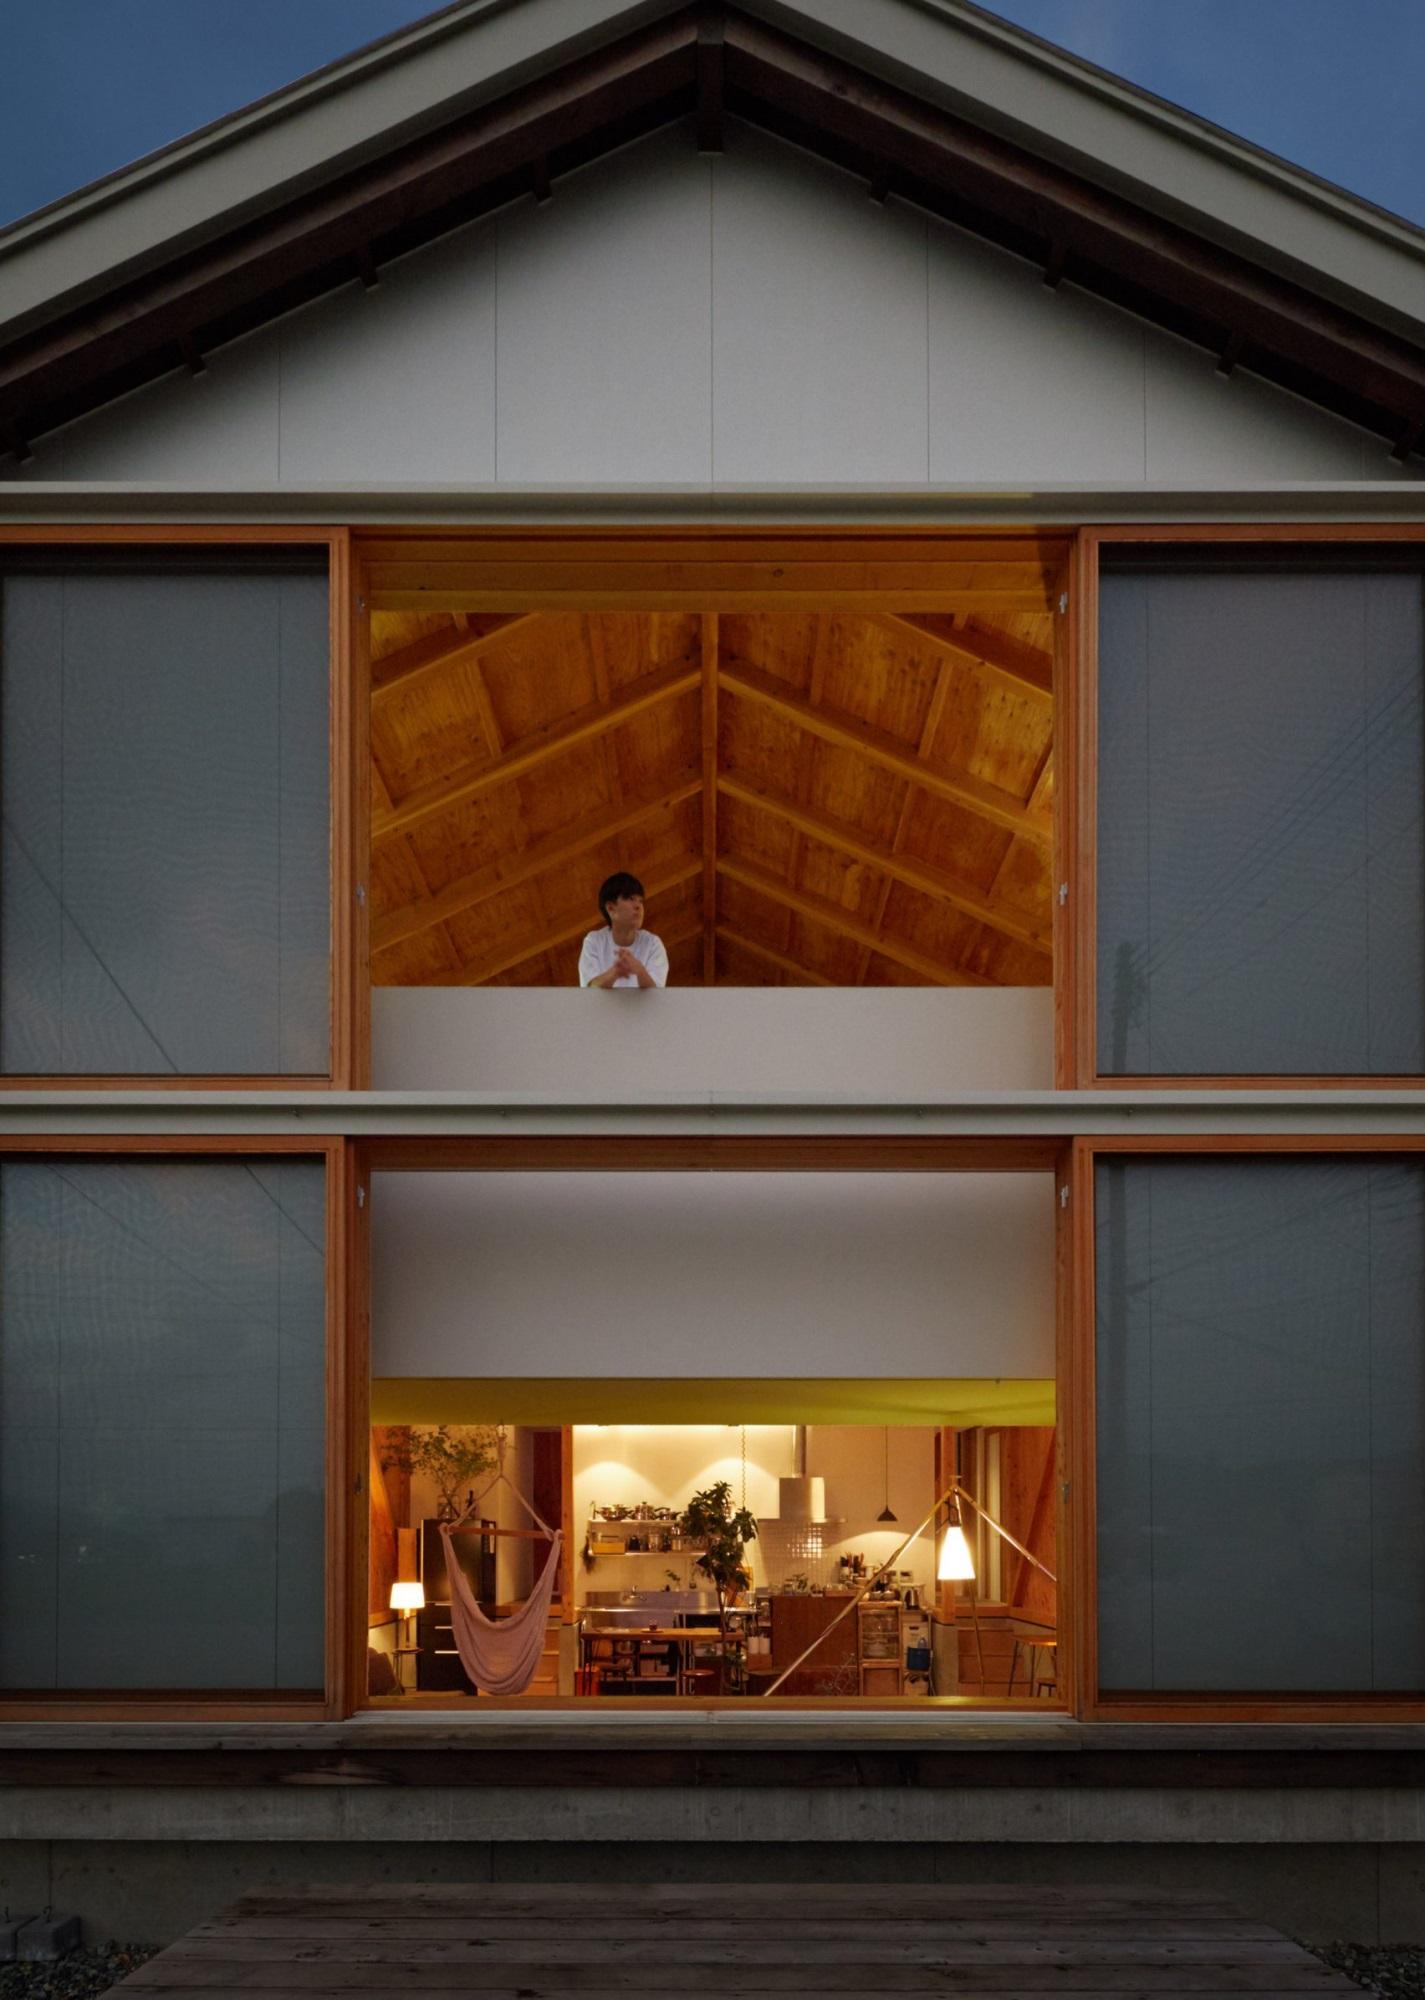 Ngôi nhà hai tầng bình yên với cánh cửa mở rộng đón nắng gió từ đồng lúa xanh tươi - Ảnh 2